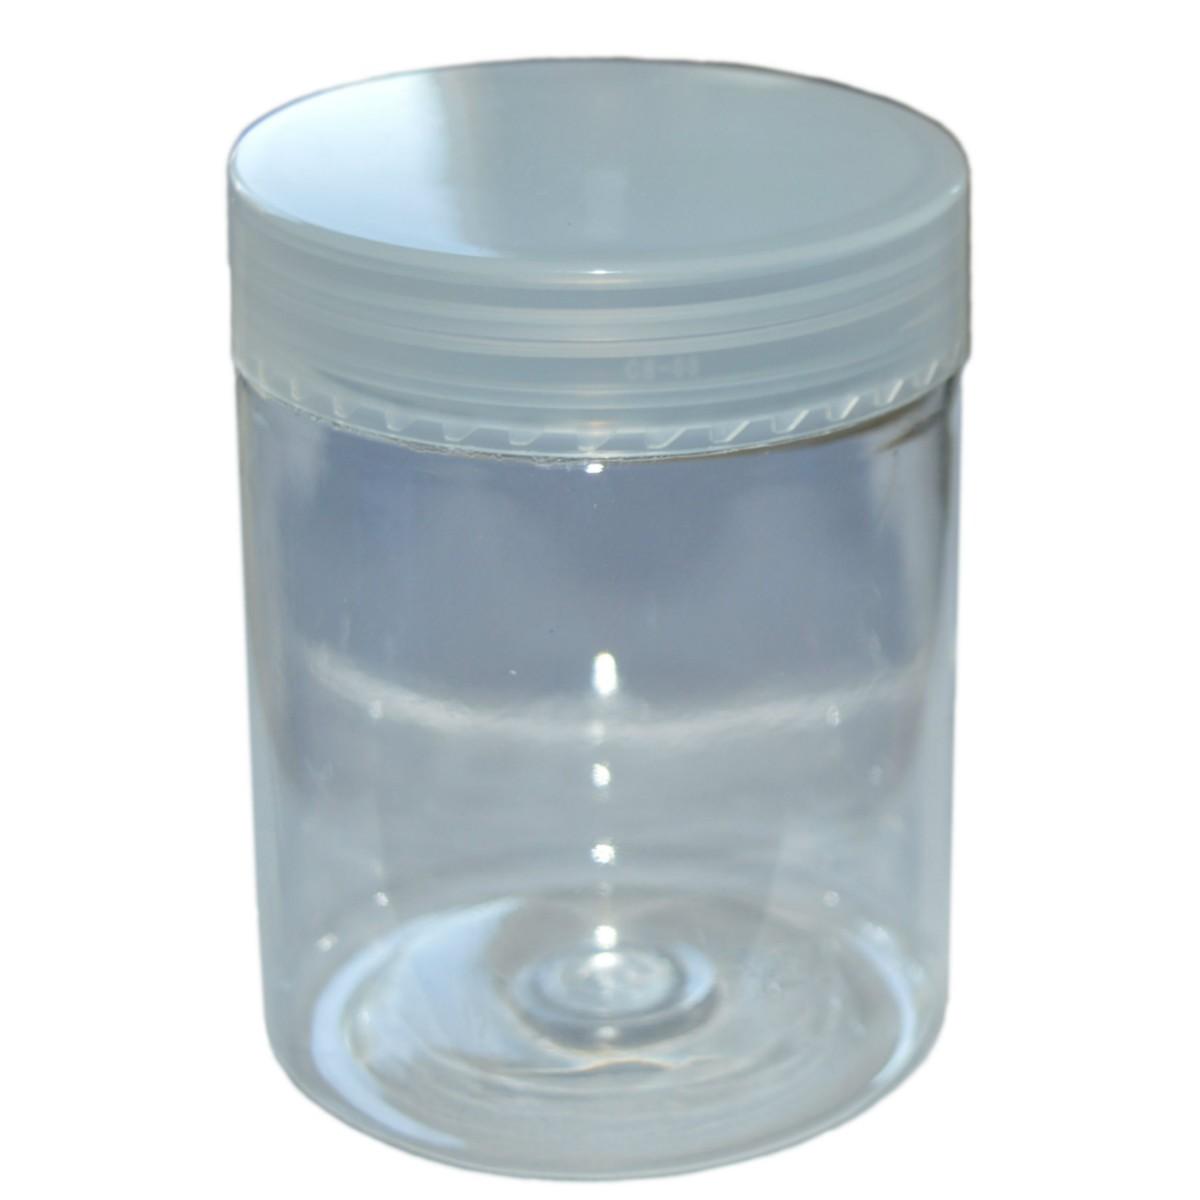 5 PET Dosen mit Deckel zu je 250ml - transparent, glasklar